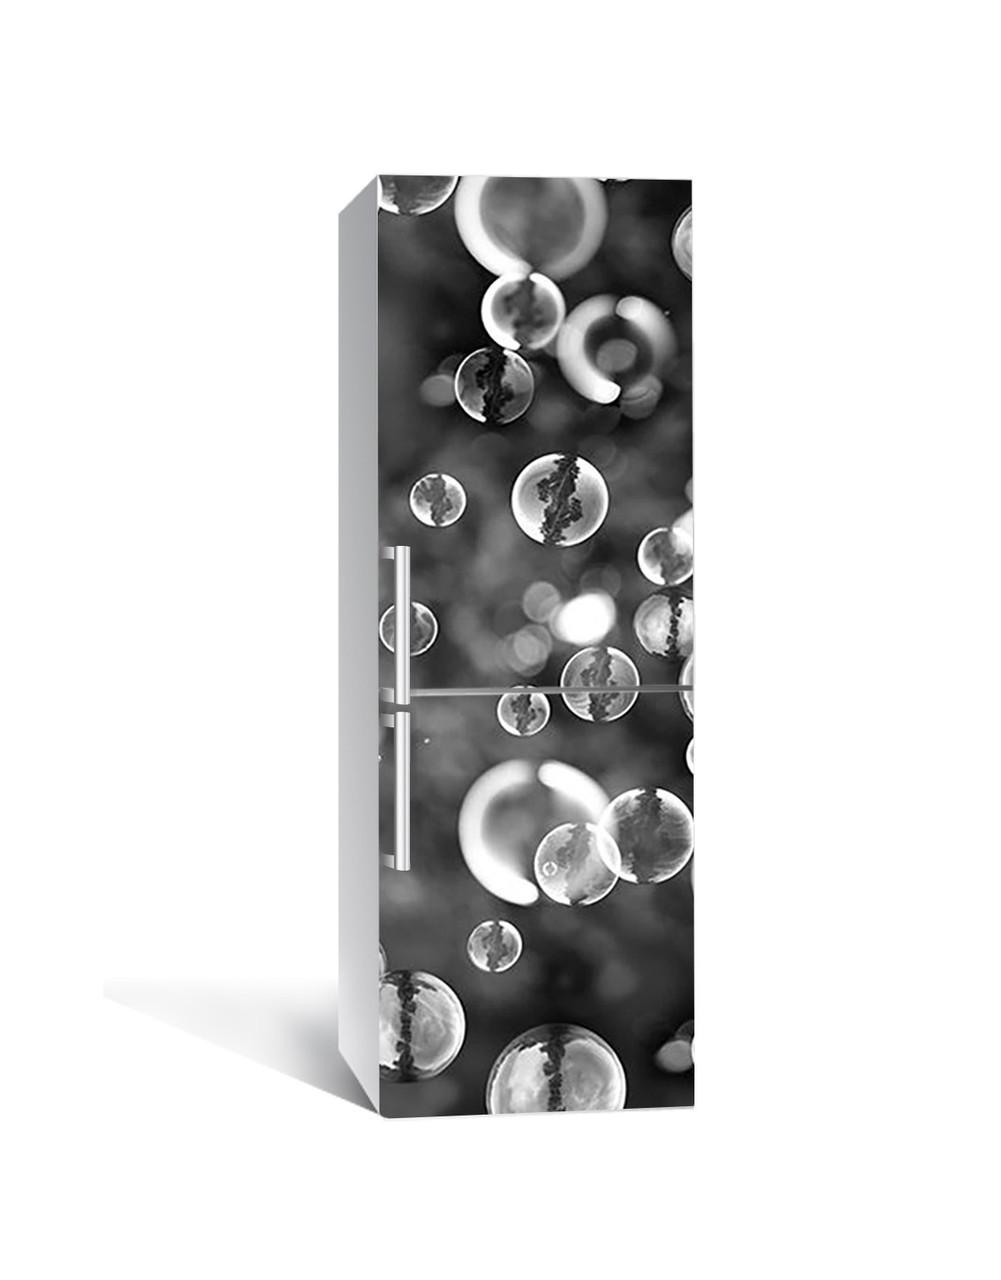 Наклейка на холодильник Мыльные пузыри Макро (пленка ПВХ с ламинацией) 65*200см Текстуры Серый